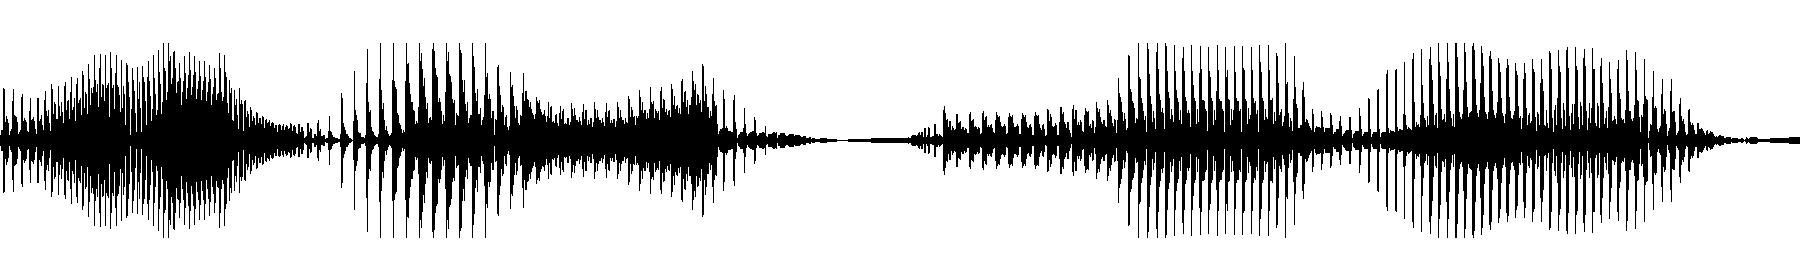 rhythm level